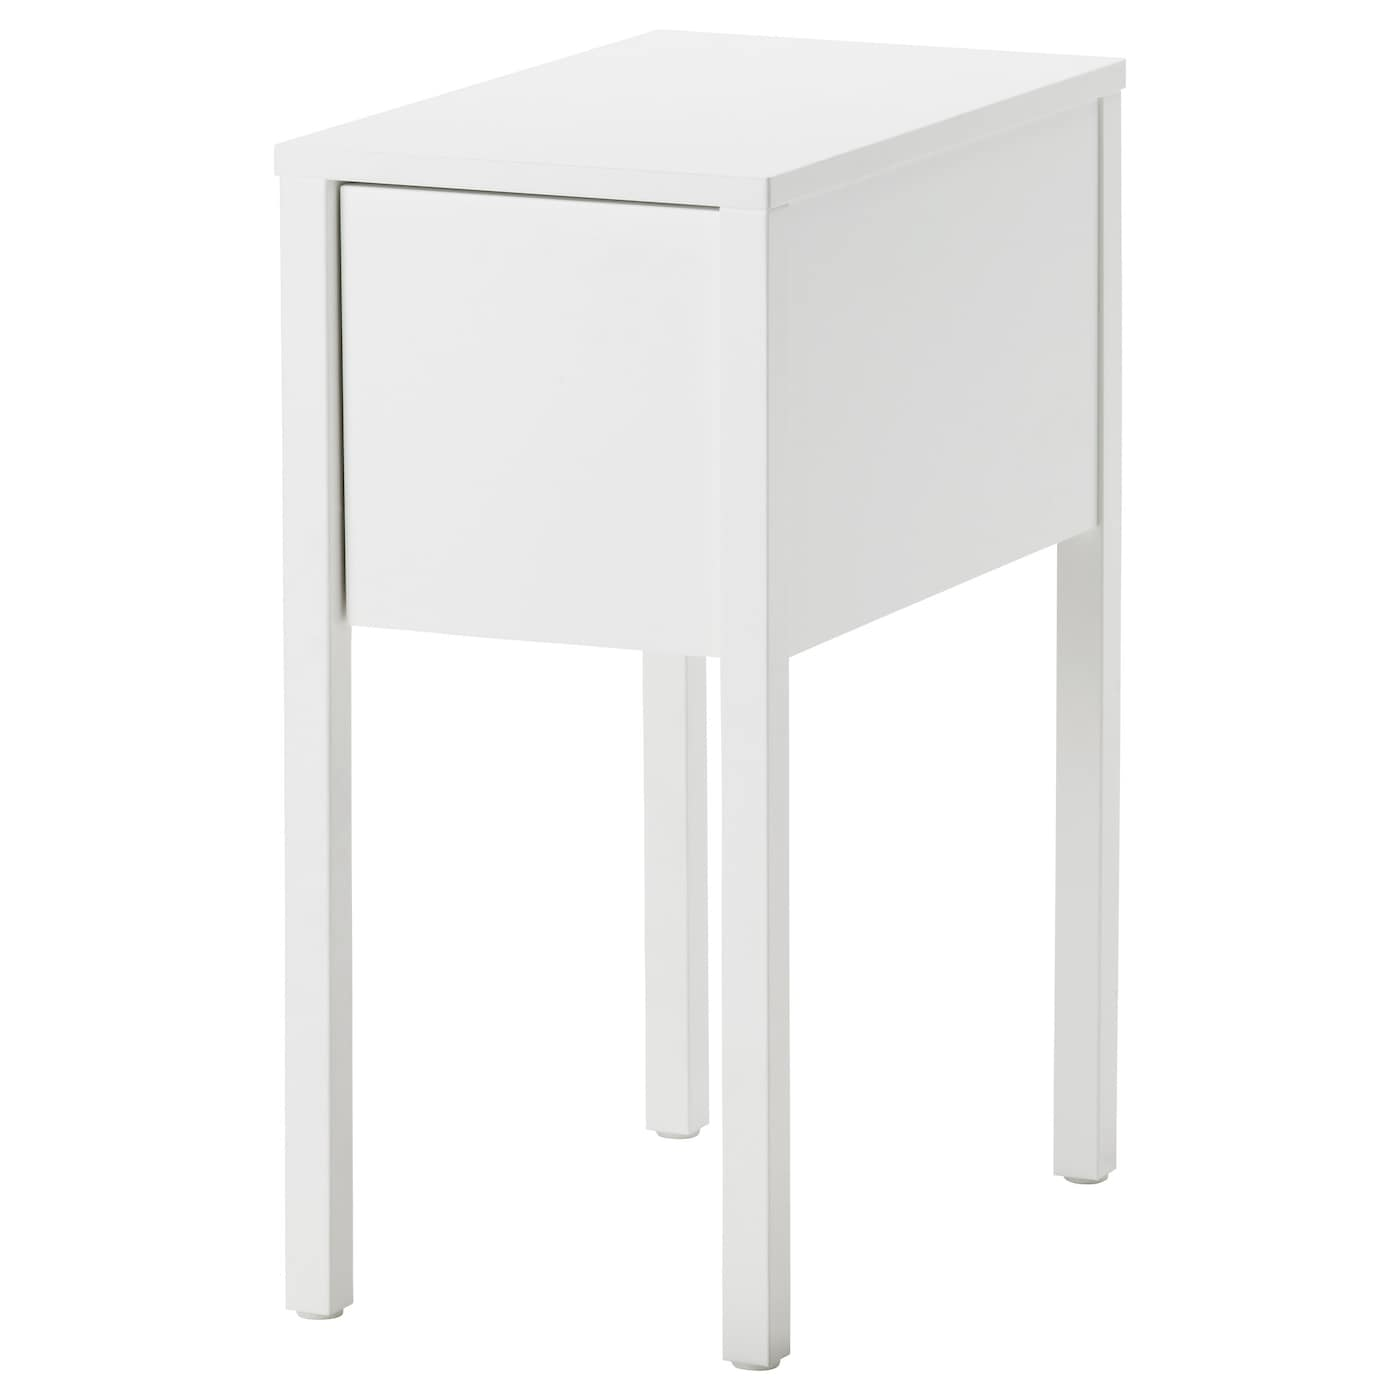 bedside tables bedside cabinets ikea. Black Bedroom Furniture Sets. Home Design Ideas